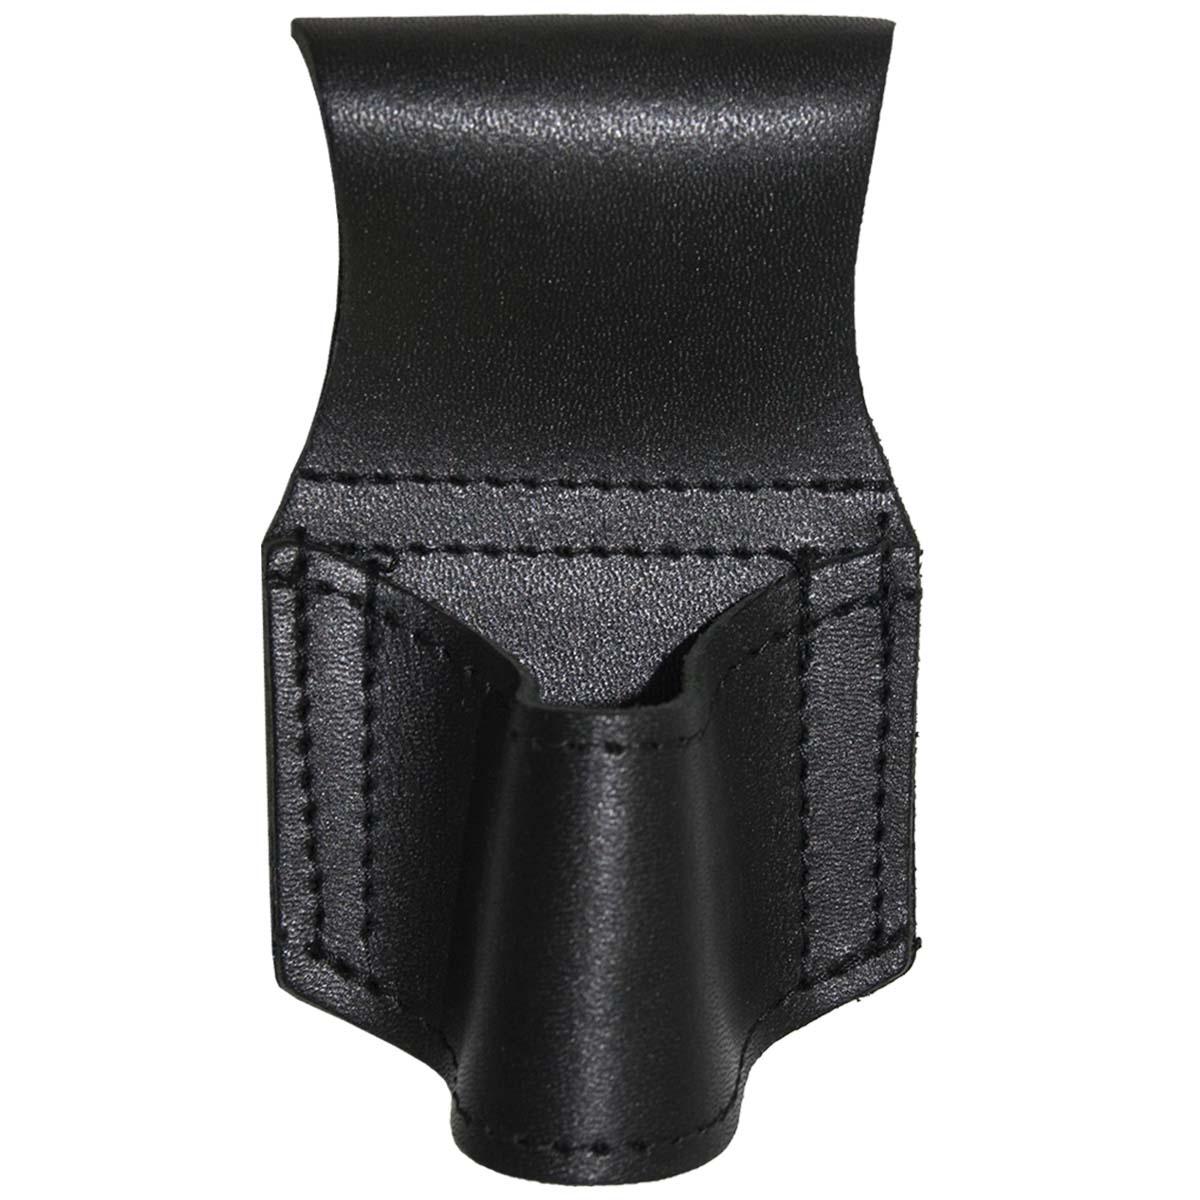 Крепление для фонаря КДФ, черный чехол для фонарика other brands